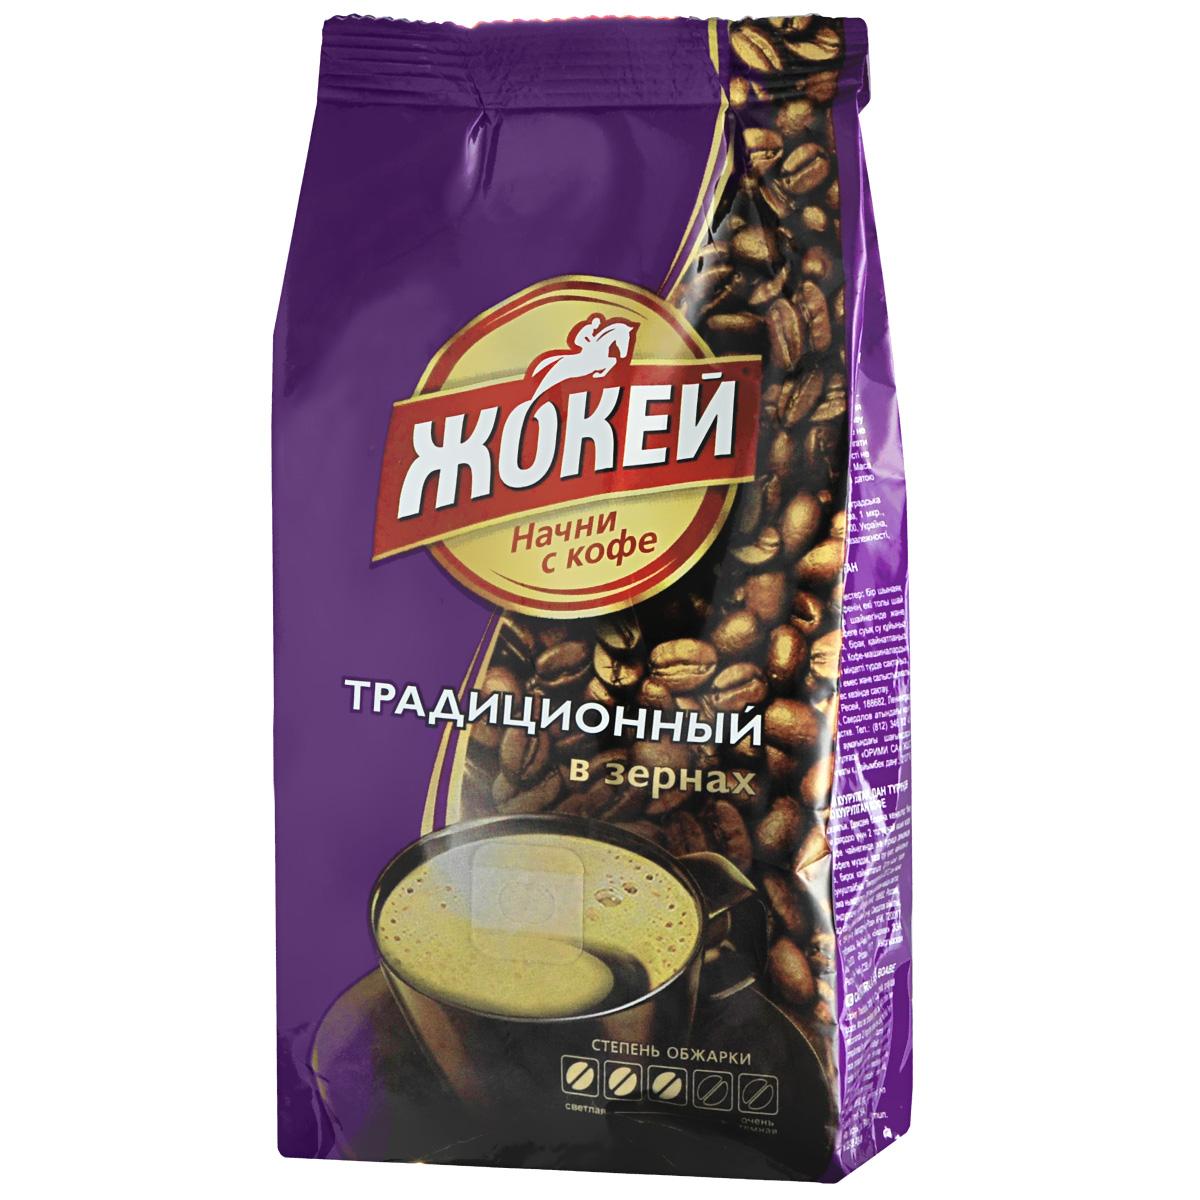 Жокей Традиционный кофе в зернах, 400 г